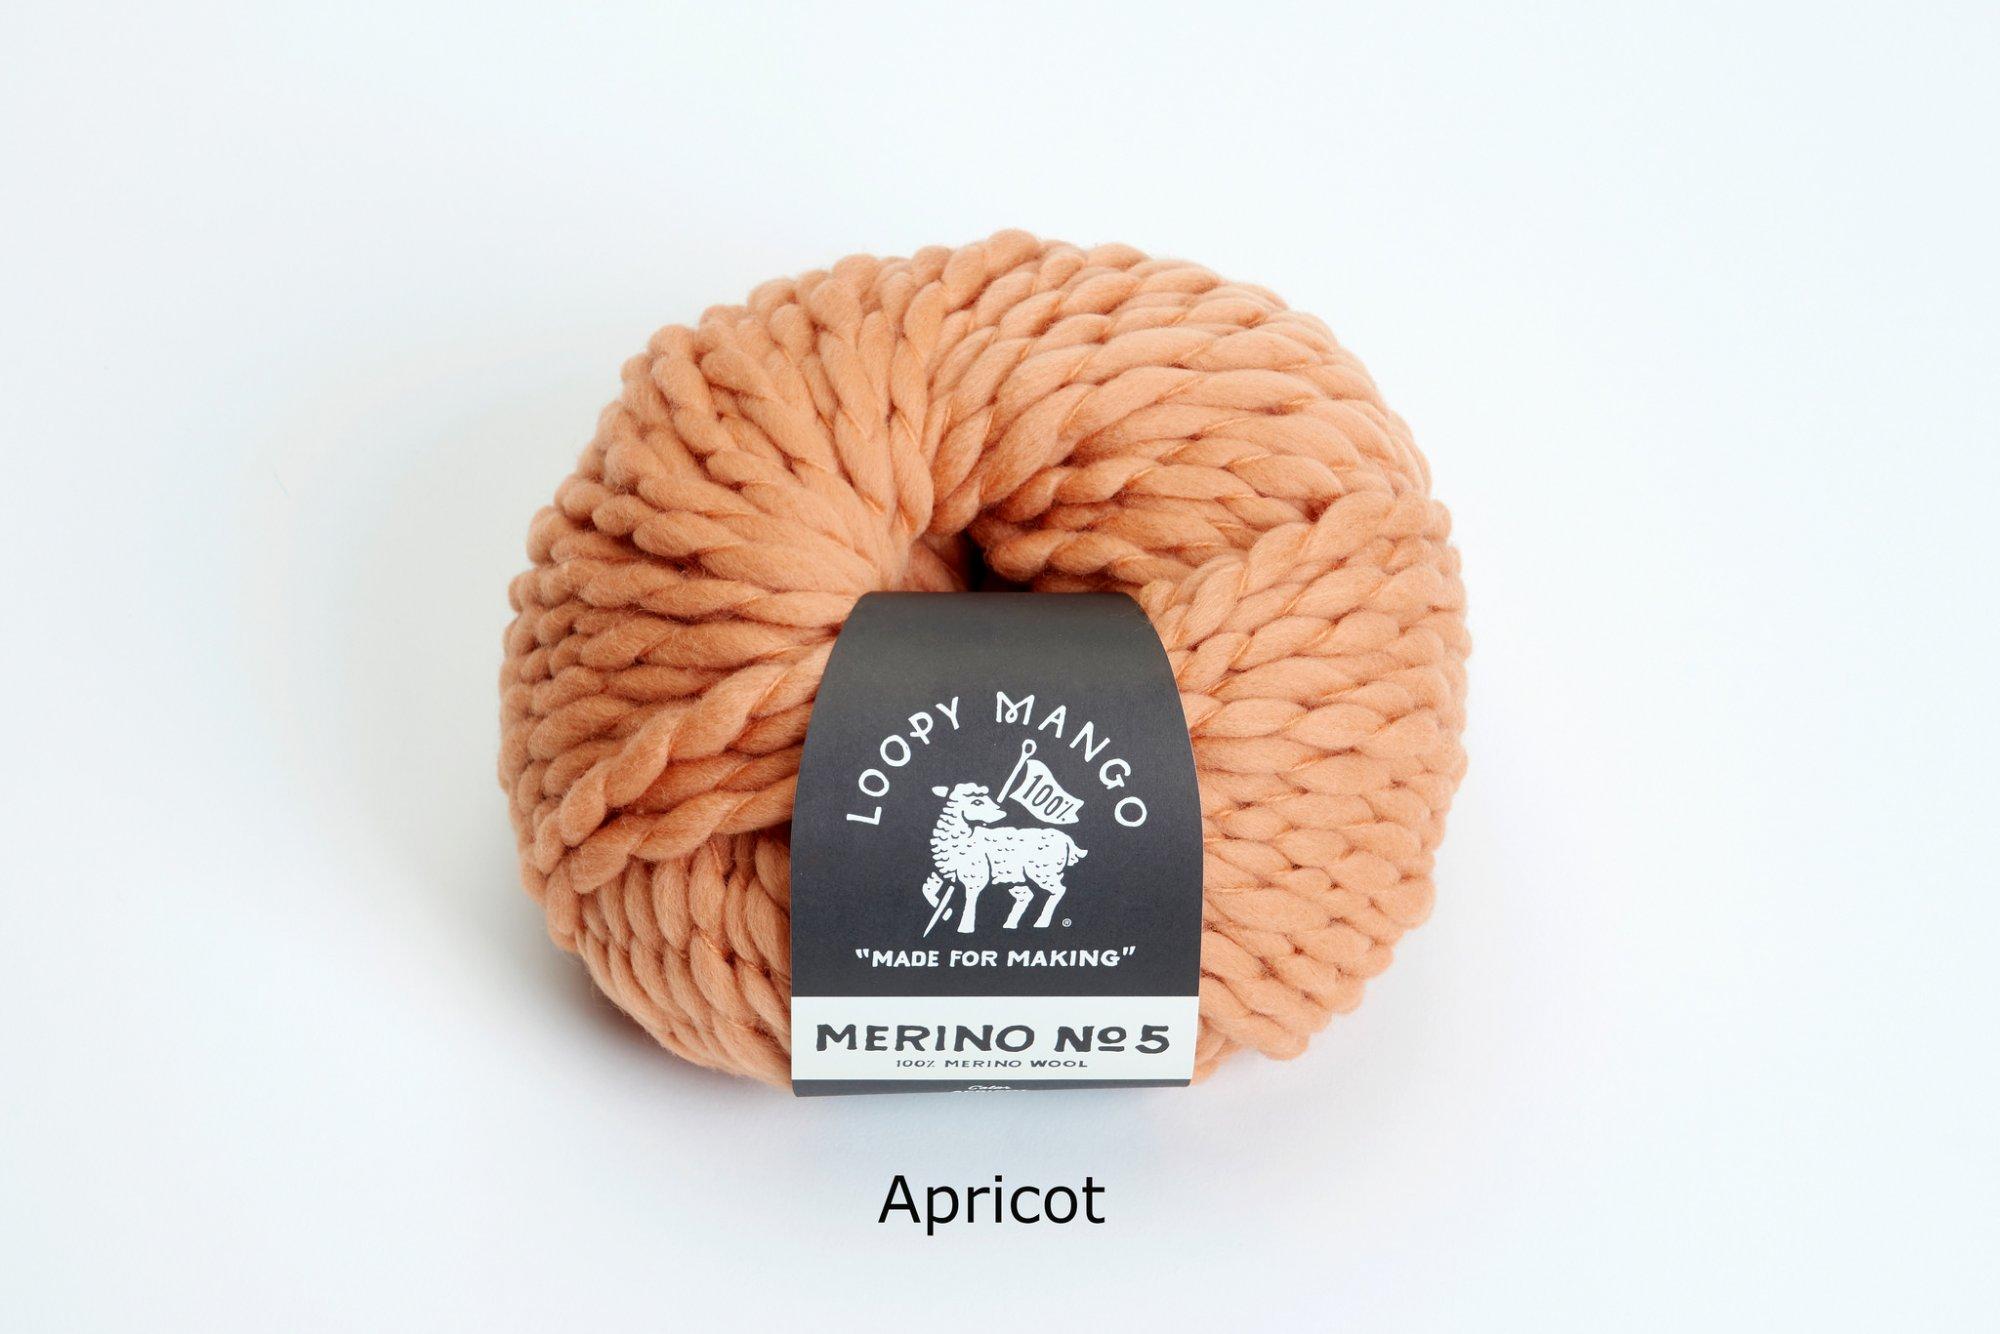 Merino No. 5